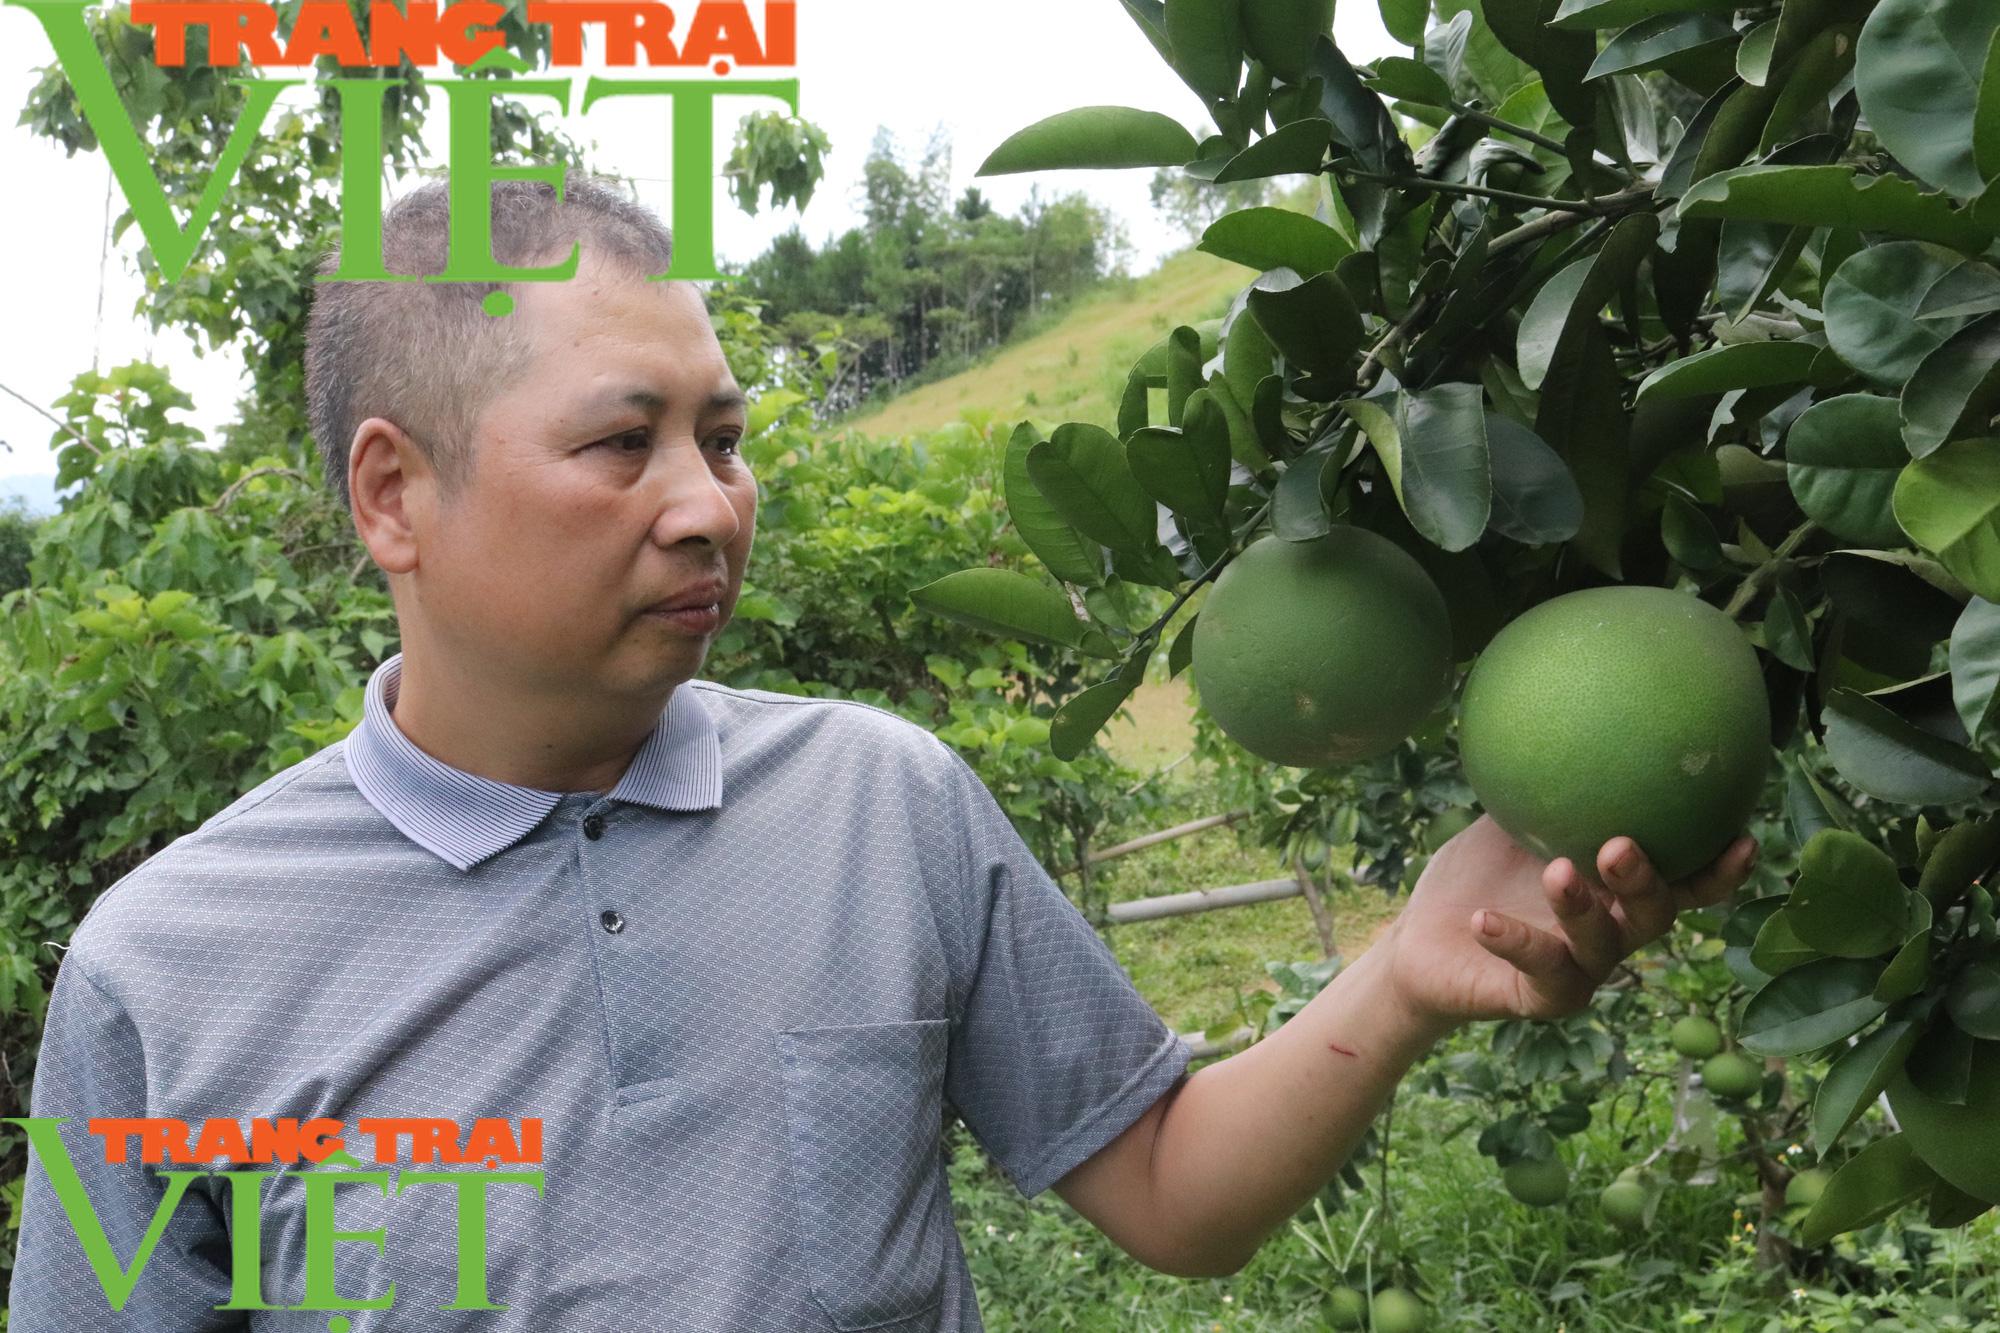 Hội Nông dân Sơn La: Làm tốt các hoạt động dịch vụ, tư vấn, dạy nghề, hỗ trợ nông dân - Ảnh 3.